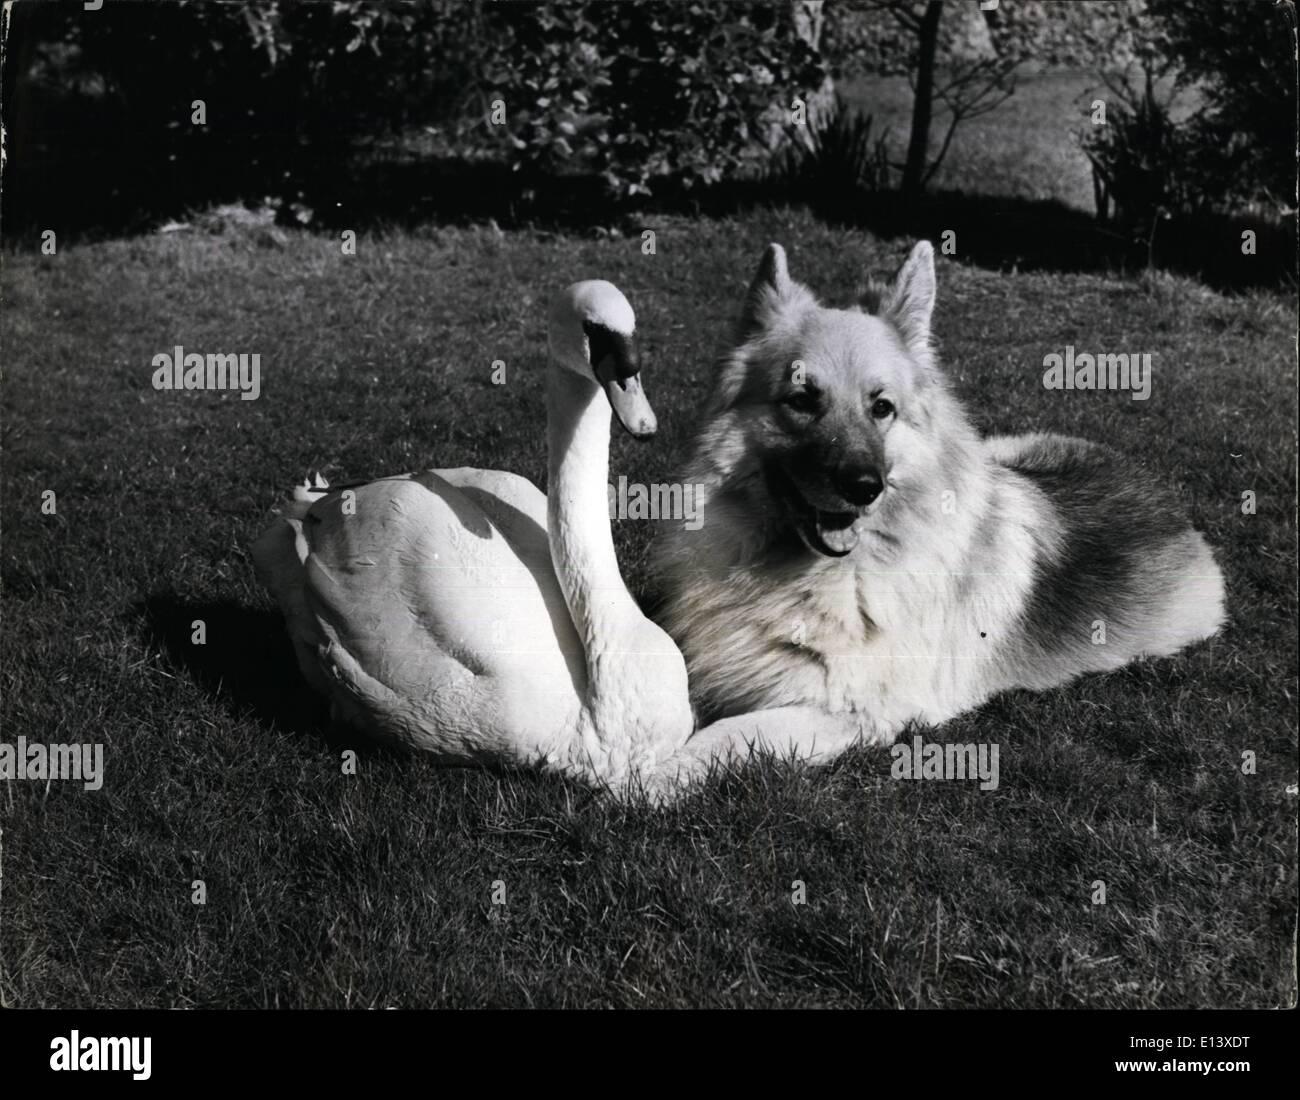 27. März 2012 - Umstände In Normal jeder Hund, der bekommt innerhalb picken Palette von Schwan bittet für Ärger. Aber Pavlova der Schwan und Pascha der elsässischen waren Freunde seit beide sehr jung waren. Pavlova, wurde als eine winzige Cygnet gefunden von einem R.S.P.C.A Inspektor zappelte im Wasser, sie hatte offenbar von ihrer Mutter Rücken gefallen und hatte aufgegeben. Er nahm sie mit einem Experten für Bir 0care, Brenda Marsaulyt, wer in ihrem Haus in Budleigh Road, Exmouth, Devon, kümmert sich um 150 gerettet, verletzt oder aufgegeben Vögel. Pascha war damals nur ein Welpe Stockbild